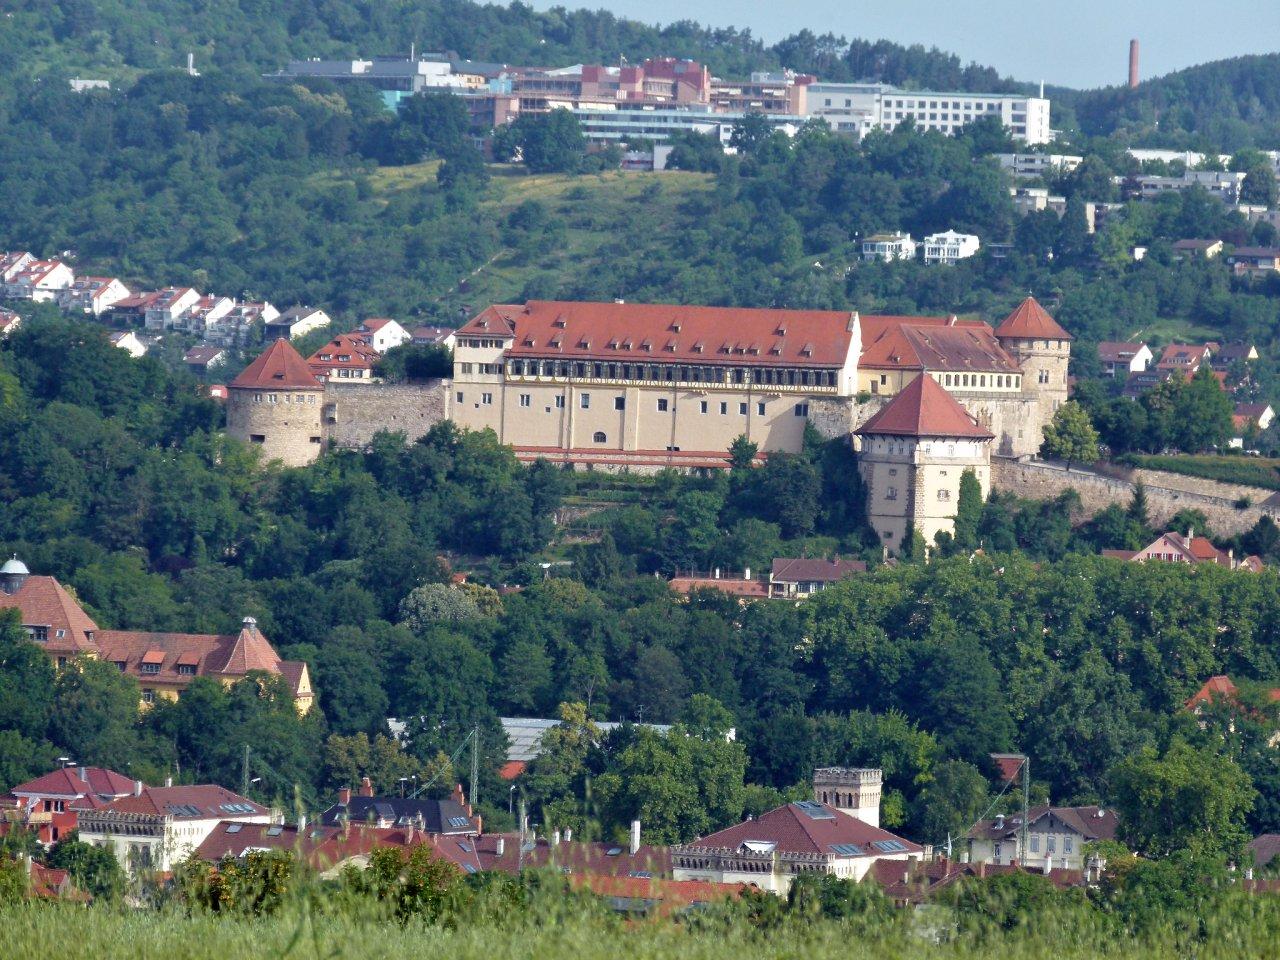 Tubingen castle, Cities in Germany